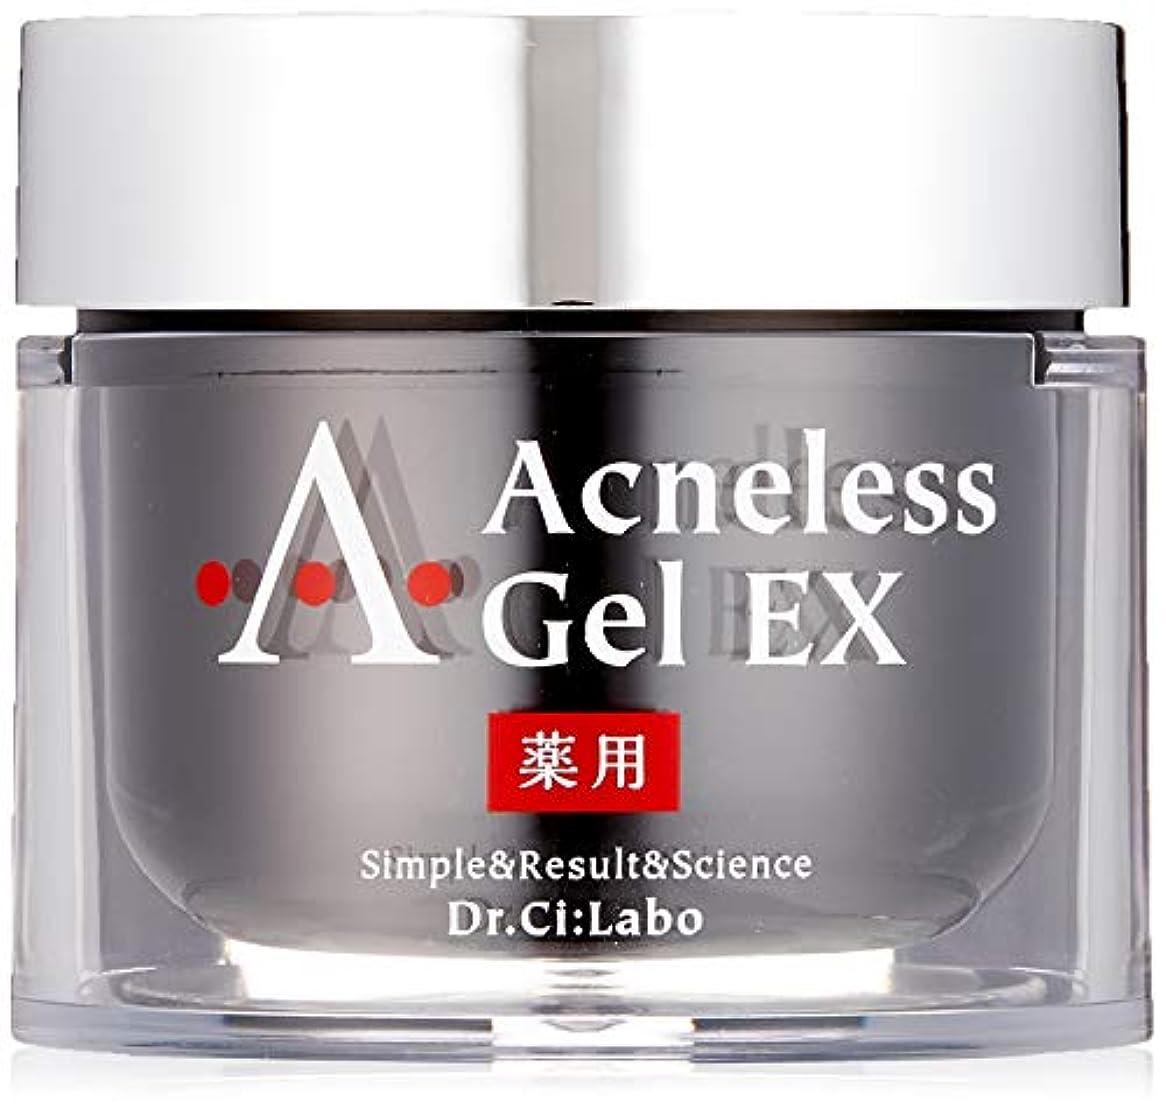 リビジョン奇妙なくすぐったい薬用アクネレスゲルEX80g